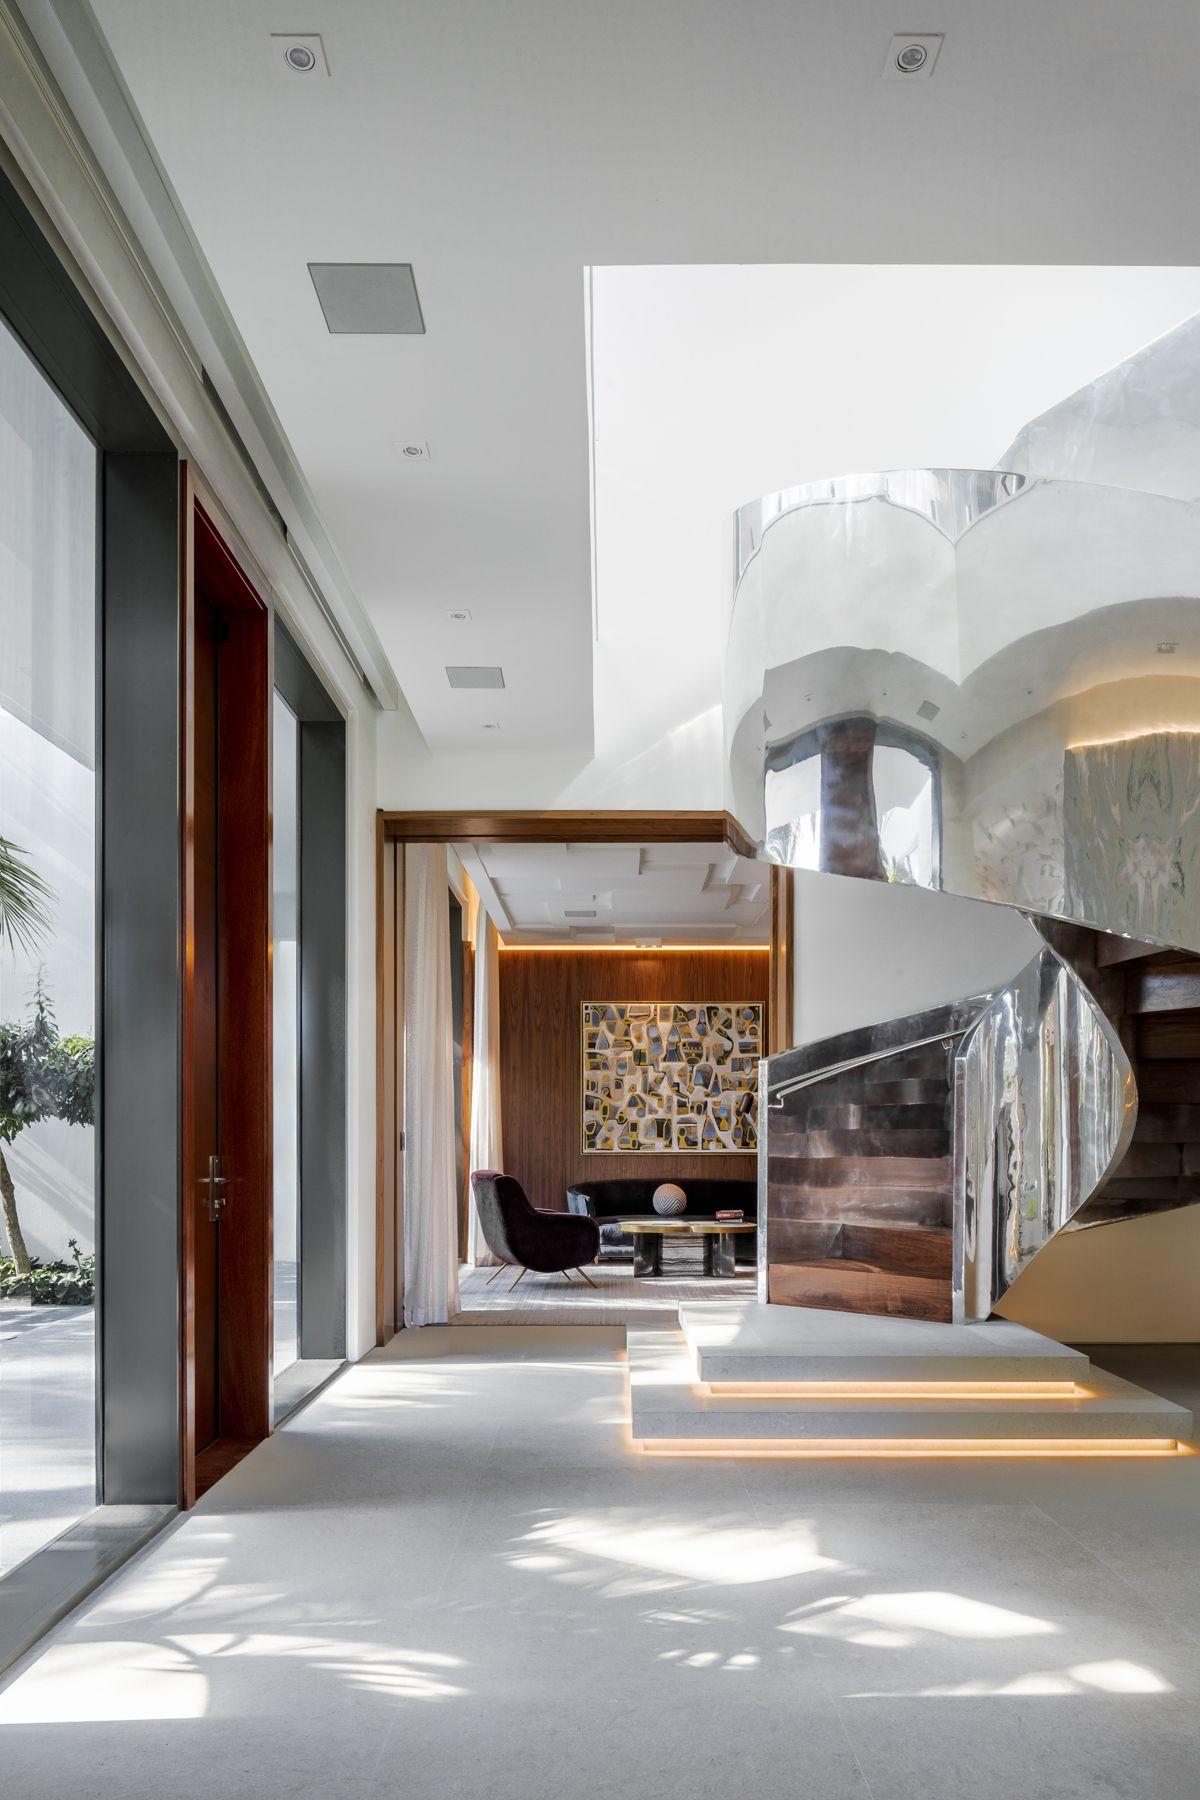 Miami S Top Interior Designers Present The Best Interior Design